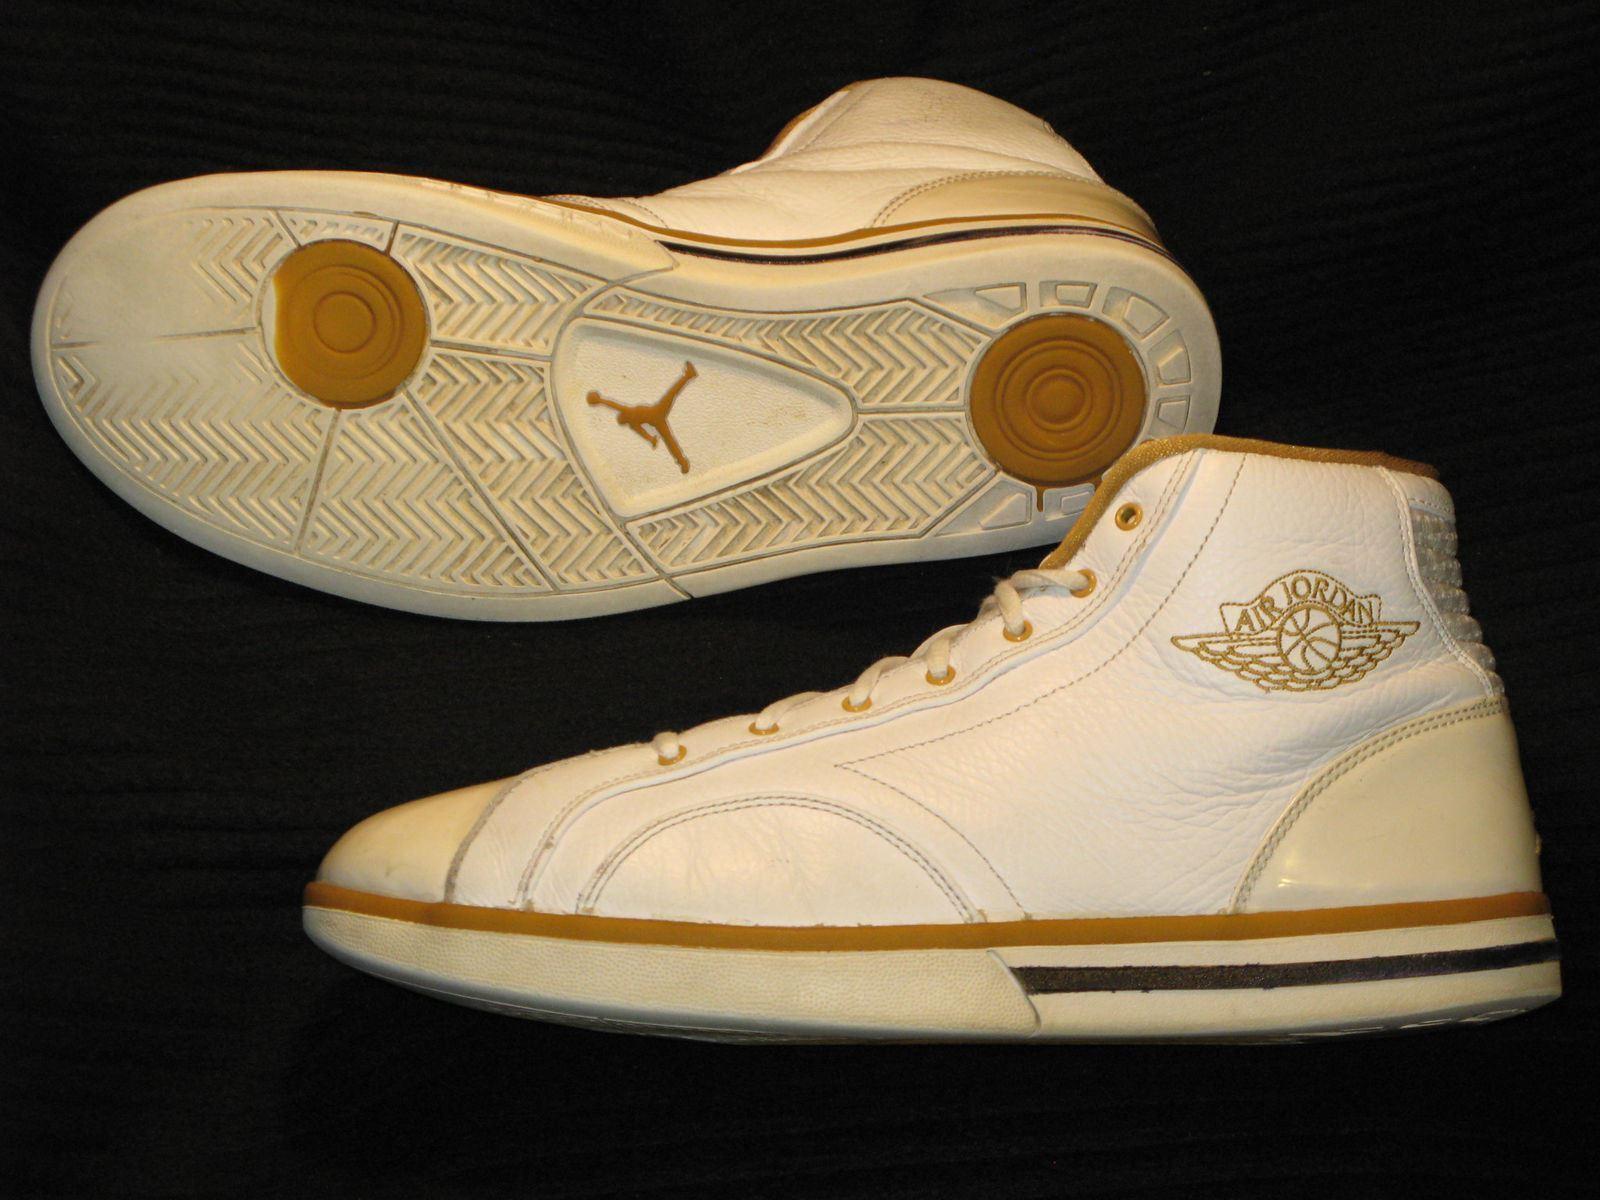 Jordan Phly Leather Mid Top Basketball shoes Sneaker White gold Sz 10.5. 1  cappello 1 sciarpa 1 maglia t-shirt MARADONA cotone buitoni 10 kit napoli  fra 8b776c5f5ed6